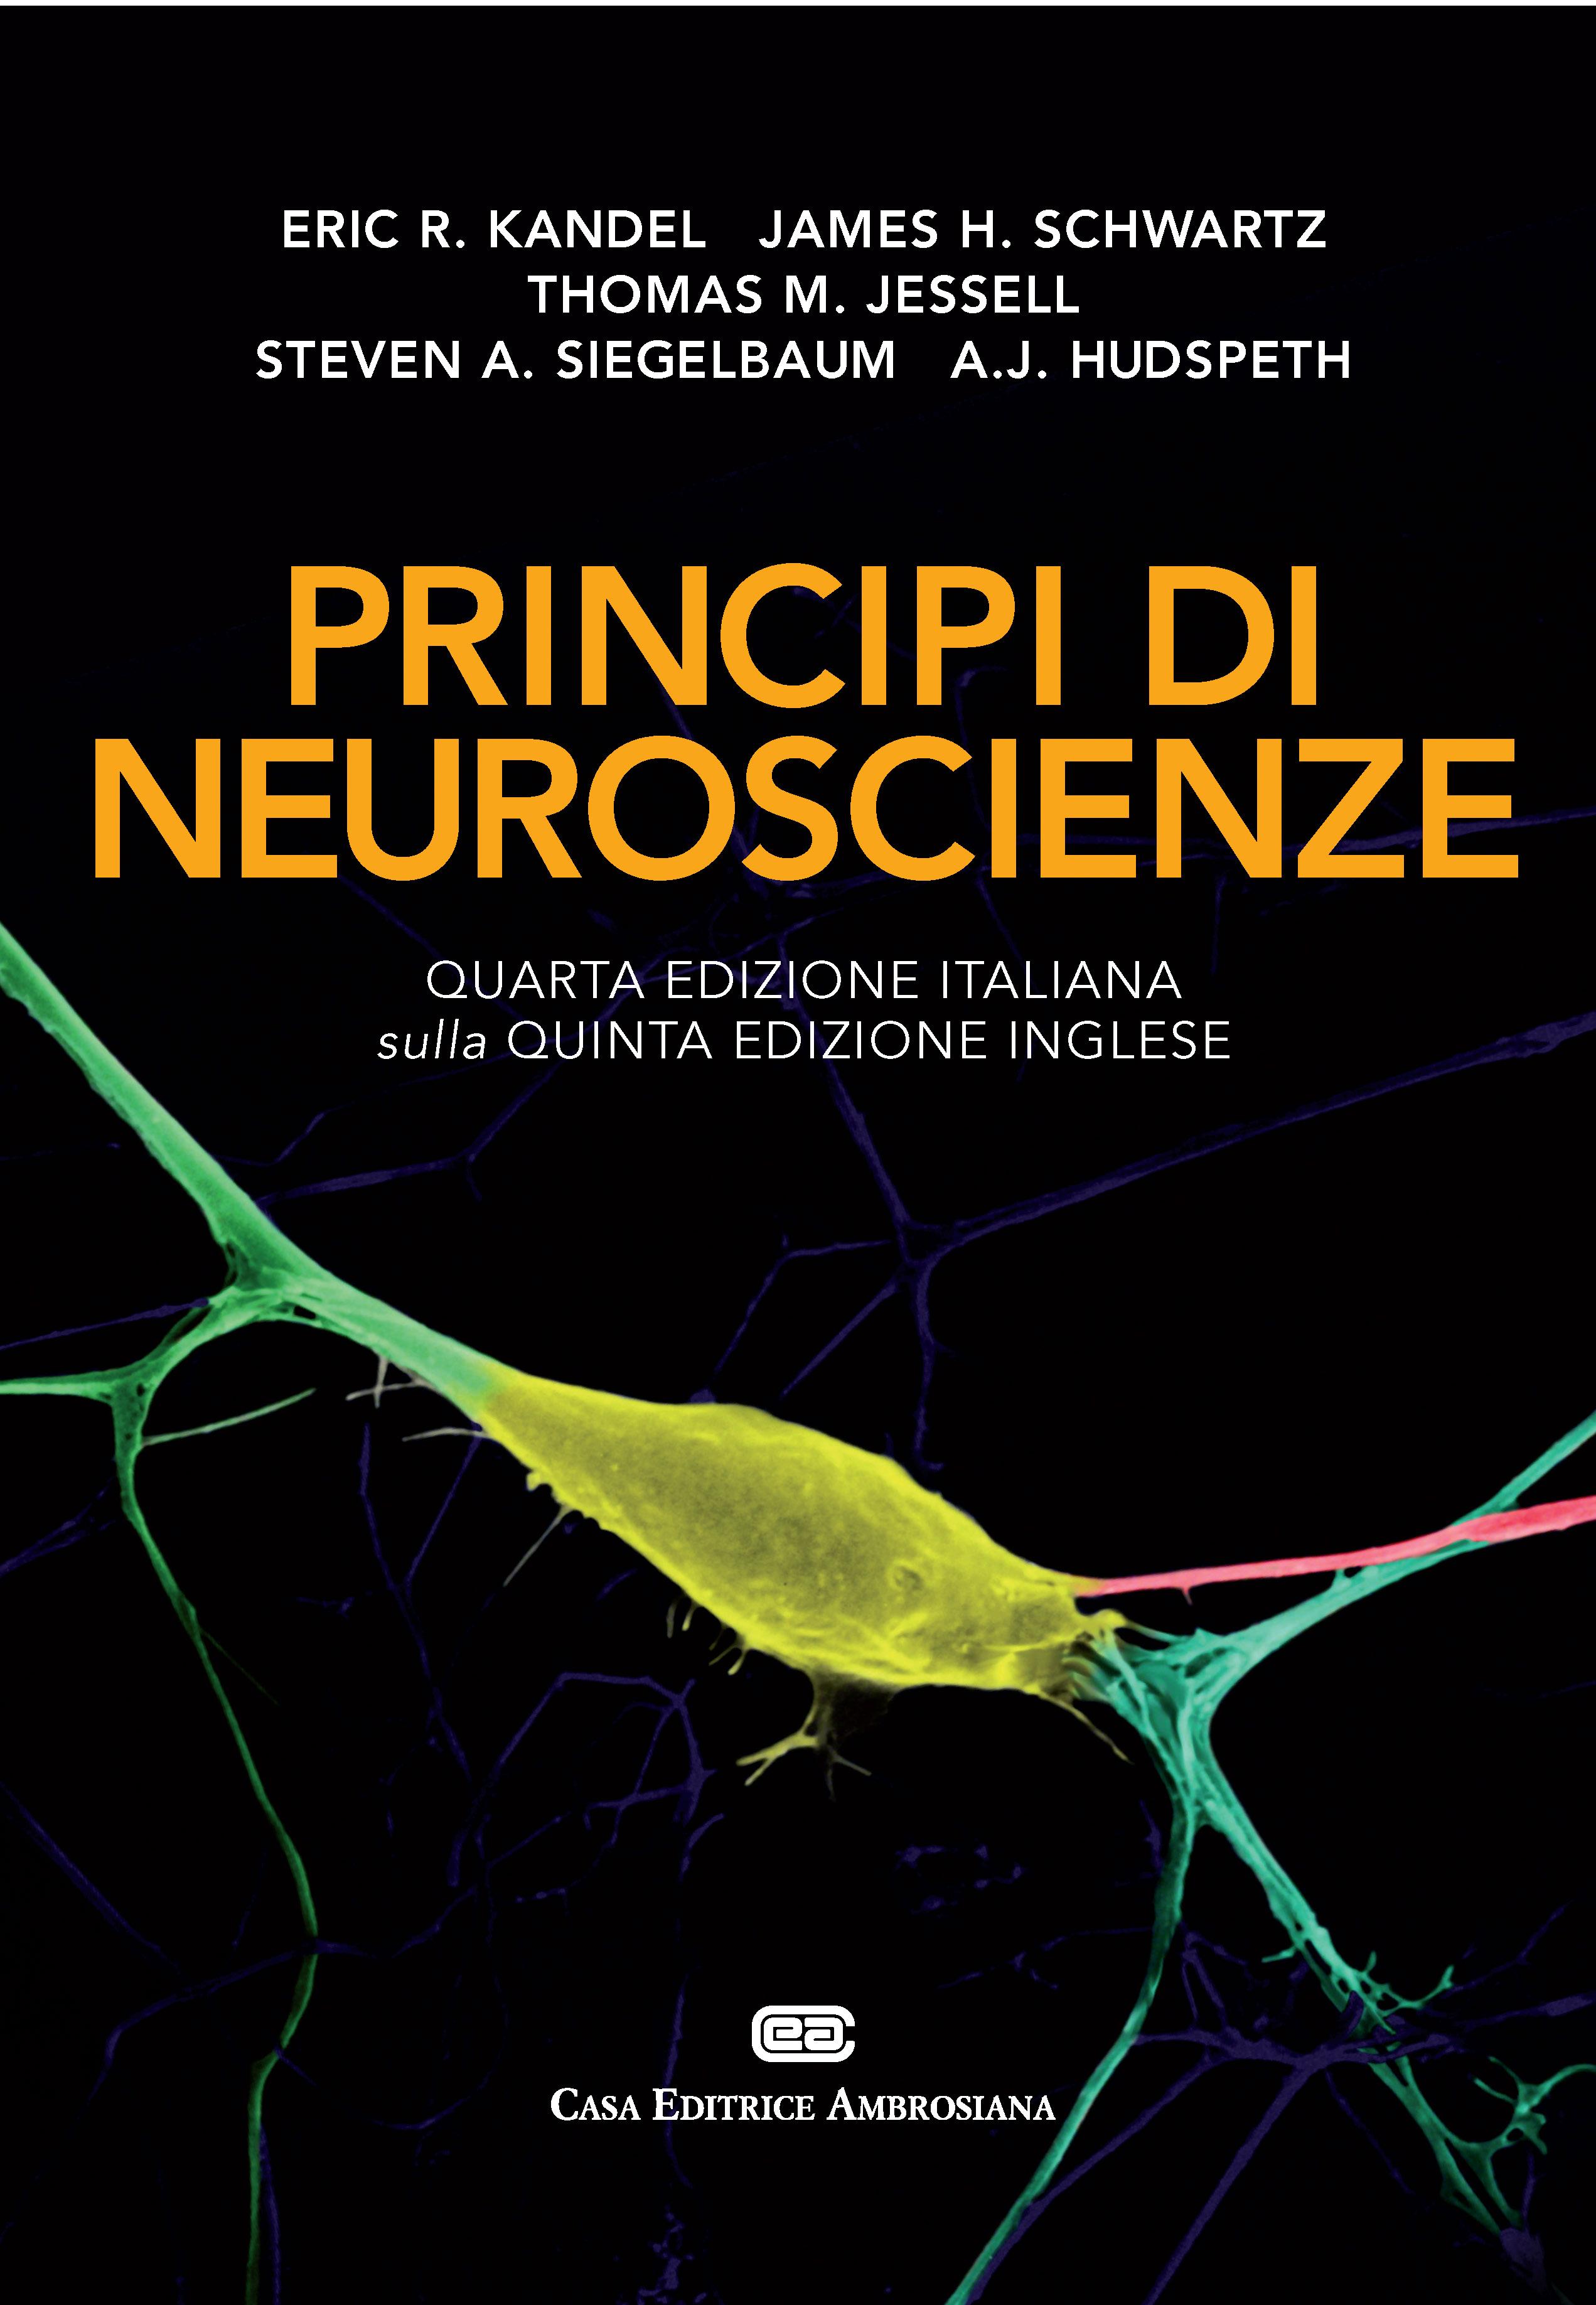 Bentornati Principi di neuroscienze